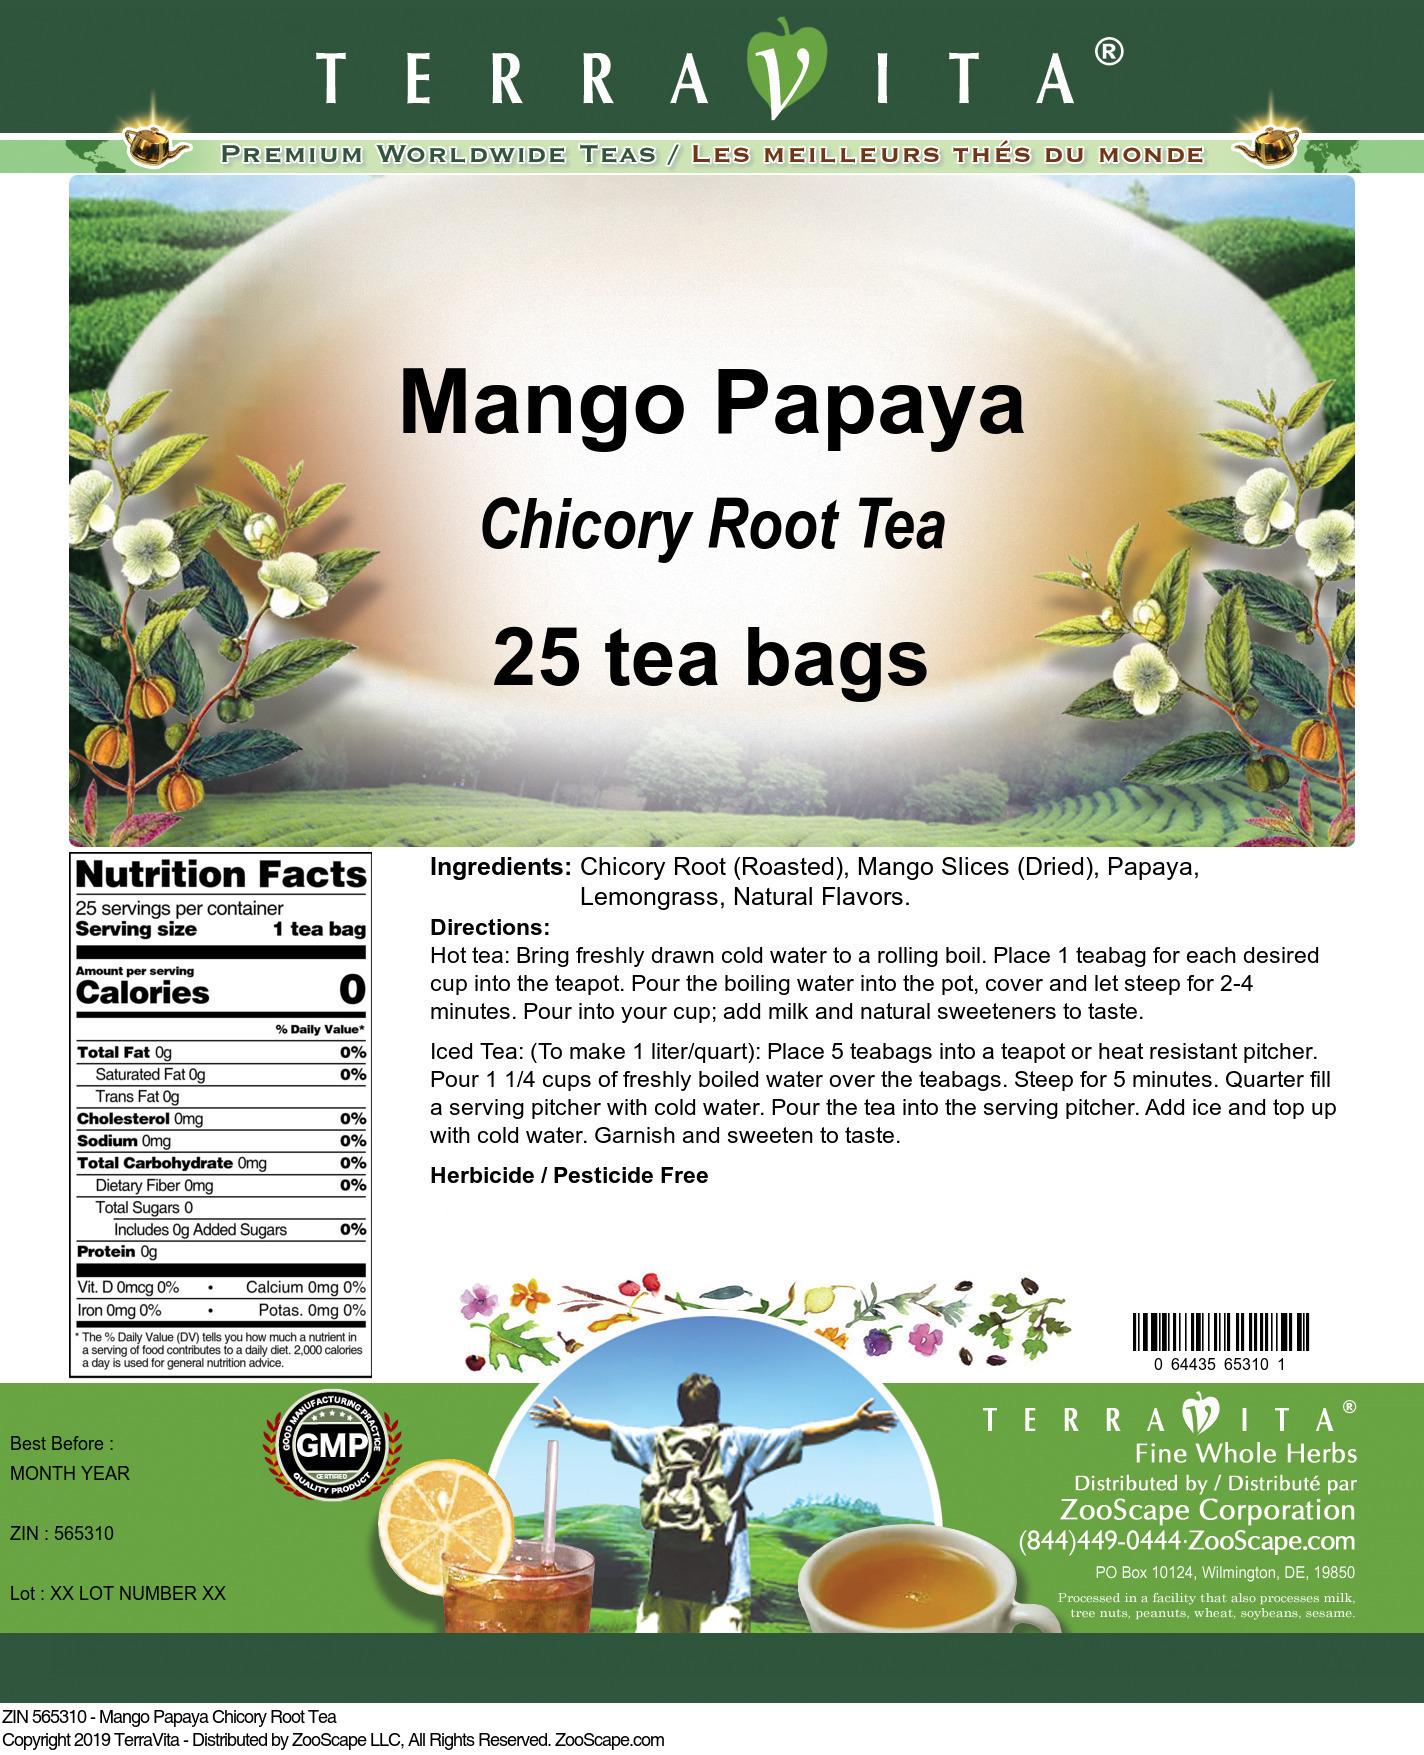 Mango Papaya Chicory Root